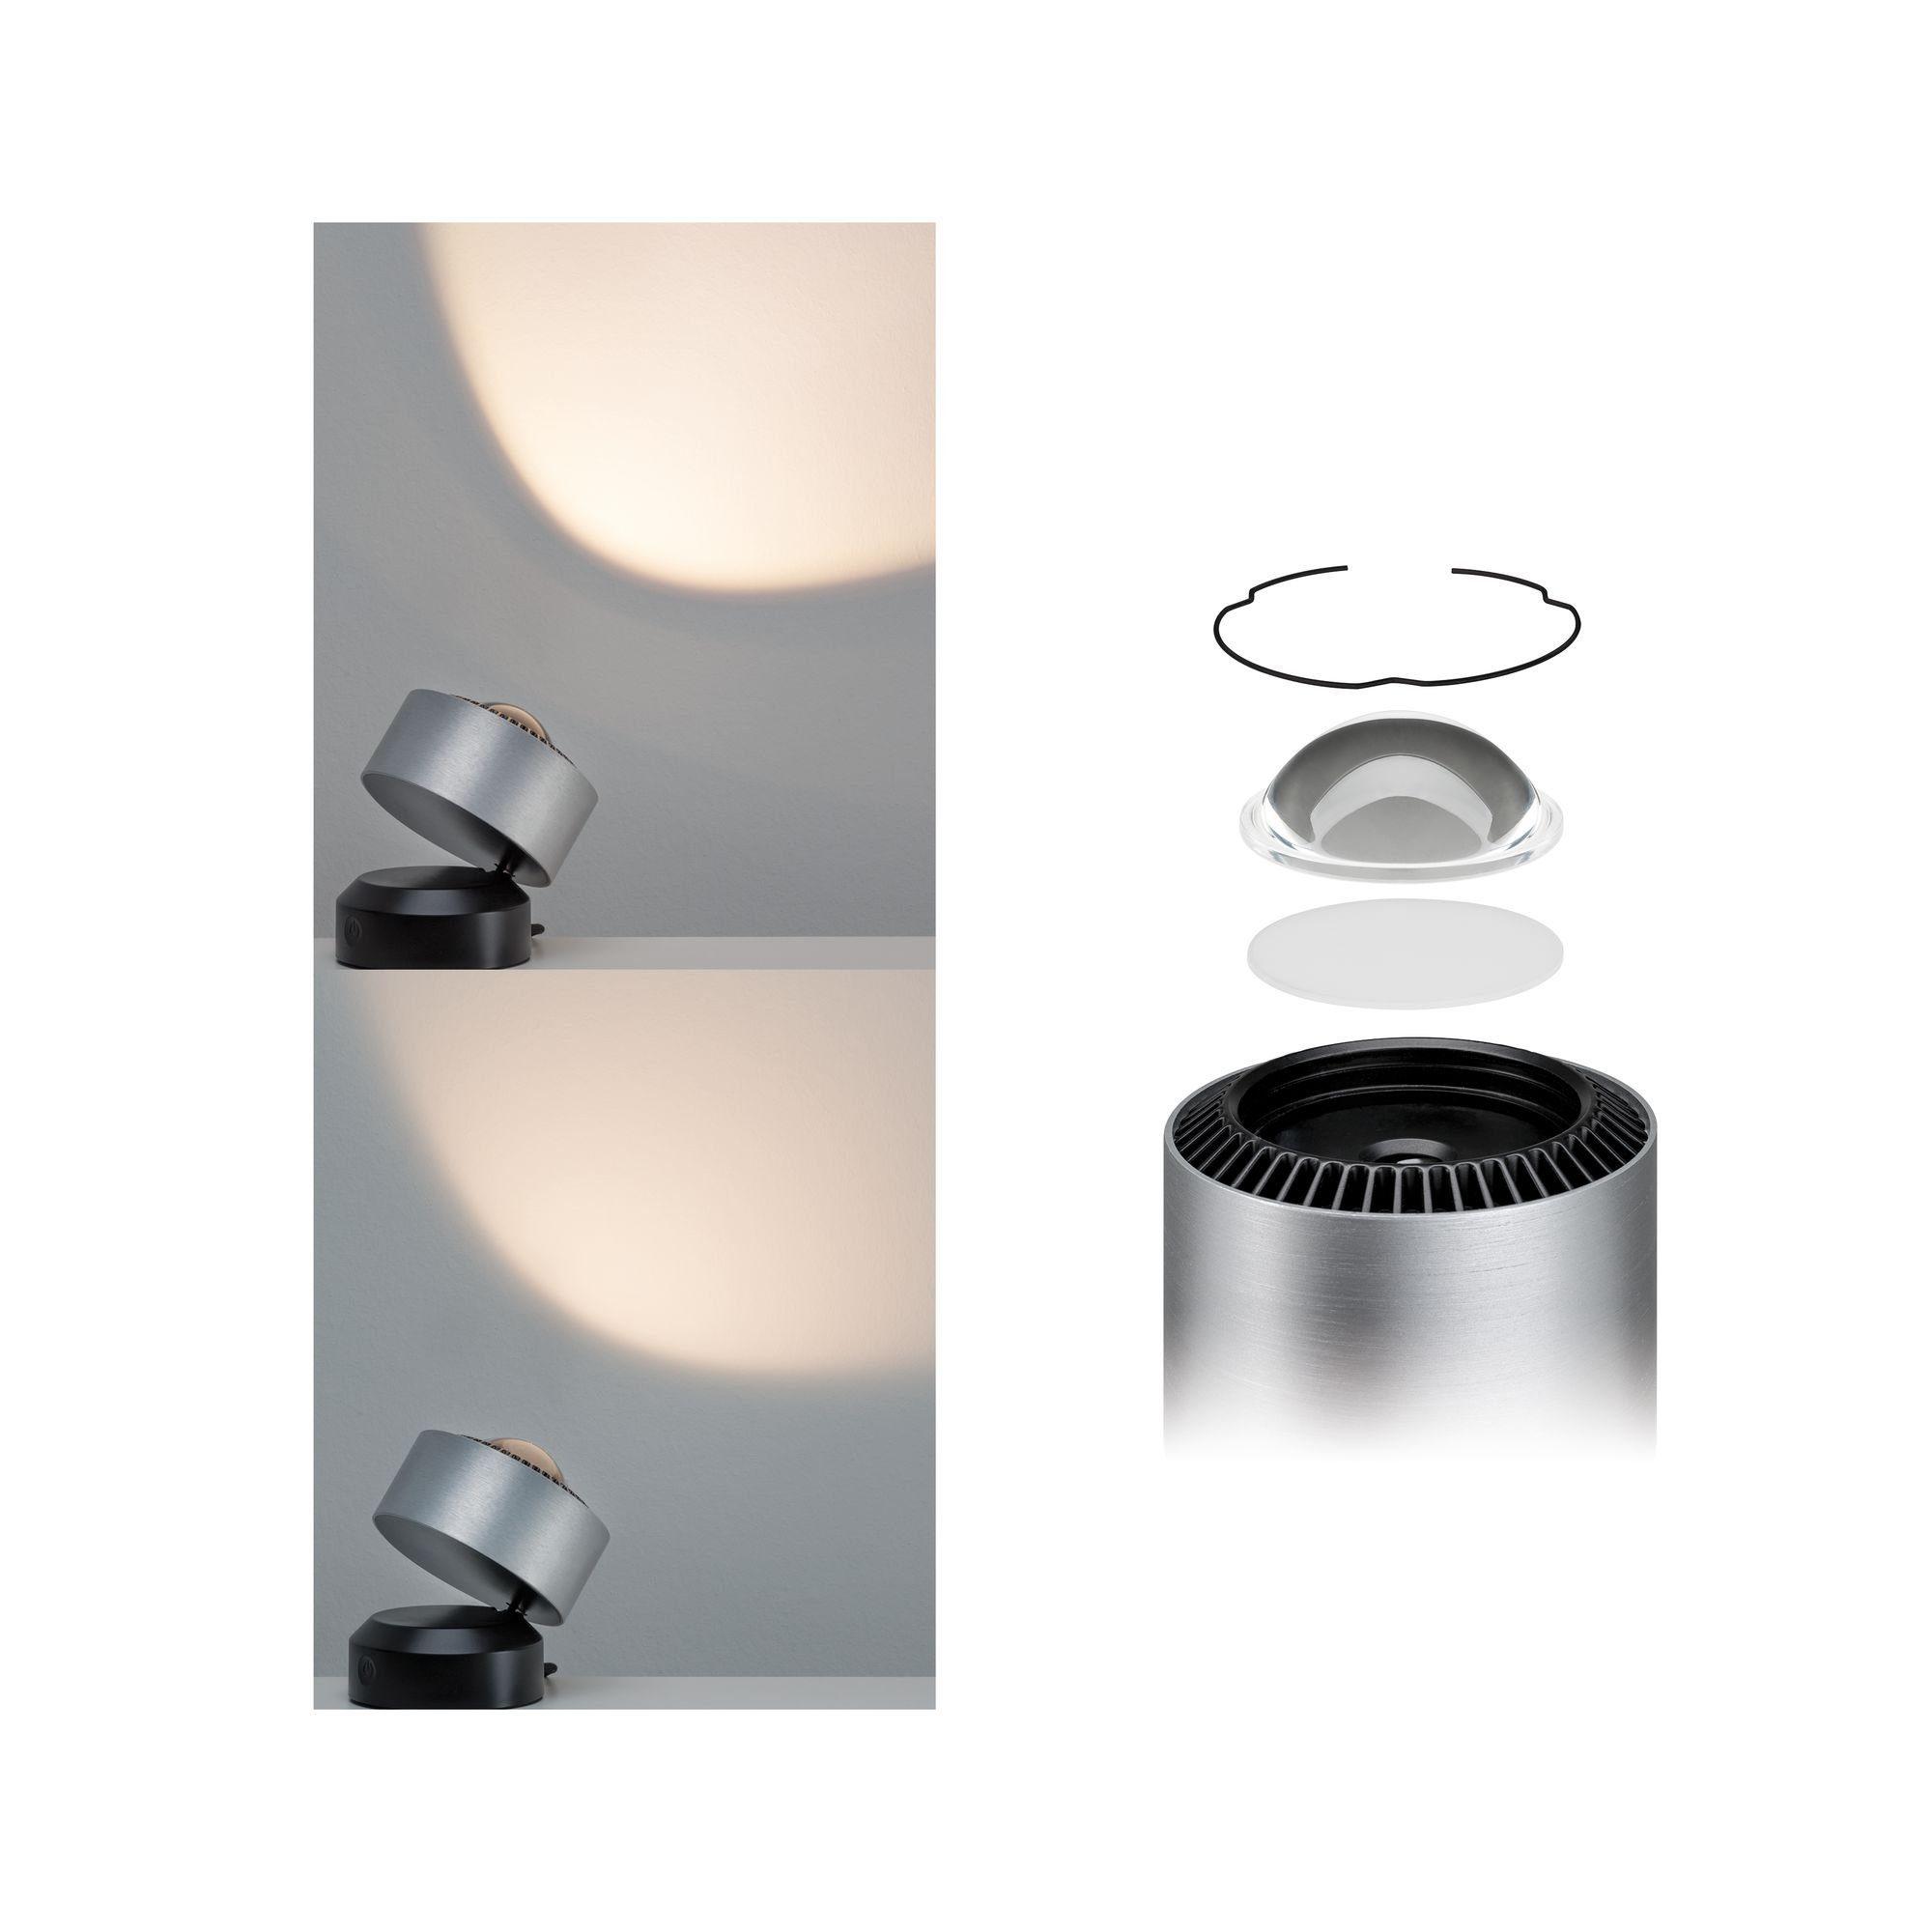 Paulmann LED Tischleuchte Aldan 3,5W Schwarz/Alu gebürstet dimmbar, 1 St., Warmweiß